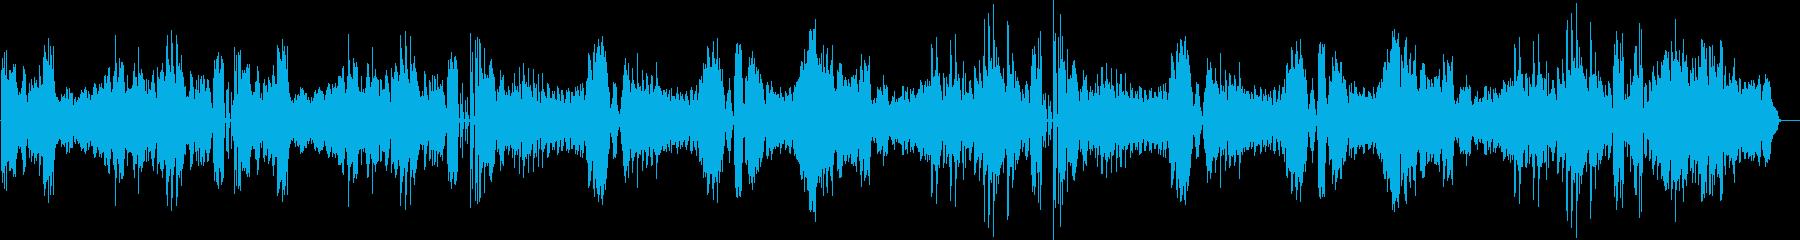 ベートヴェンのピアのソナタ25番の再生済みの波形